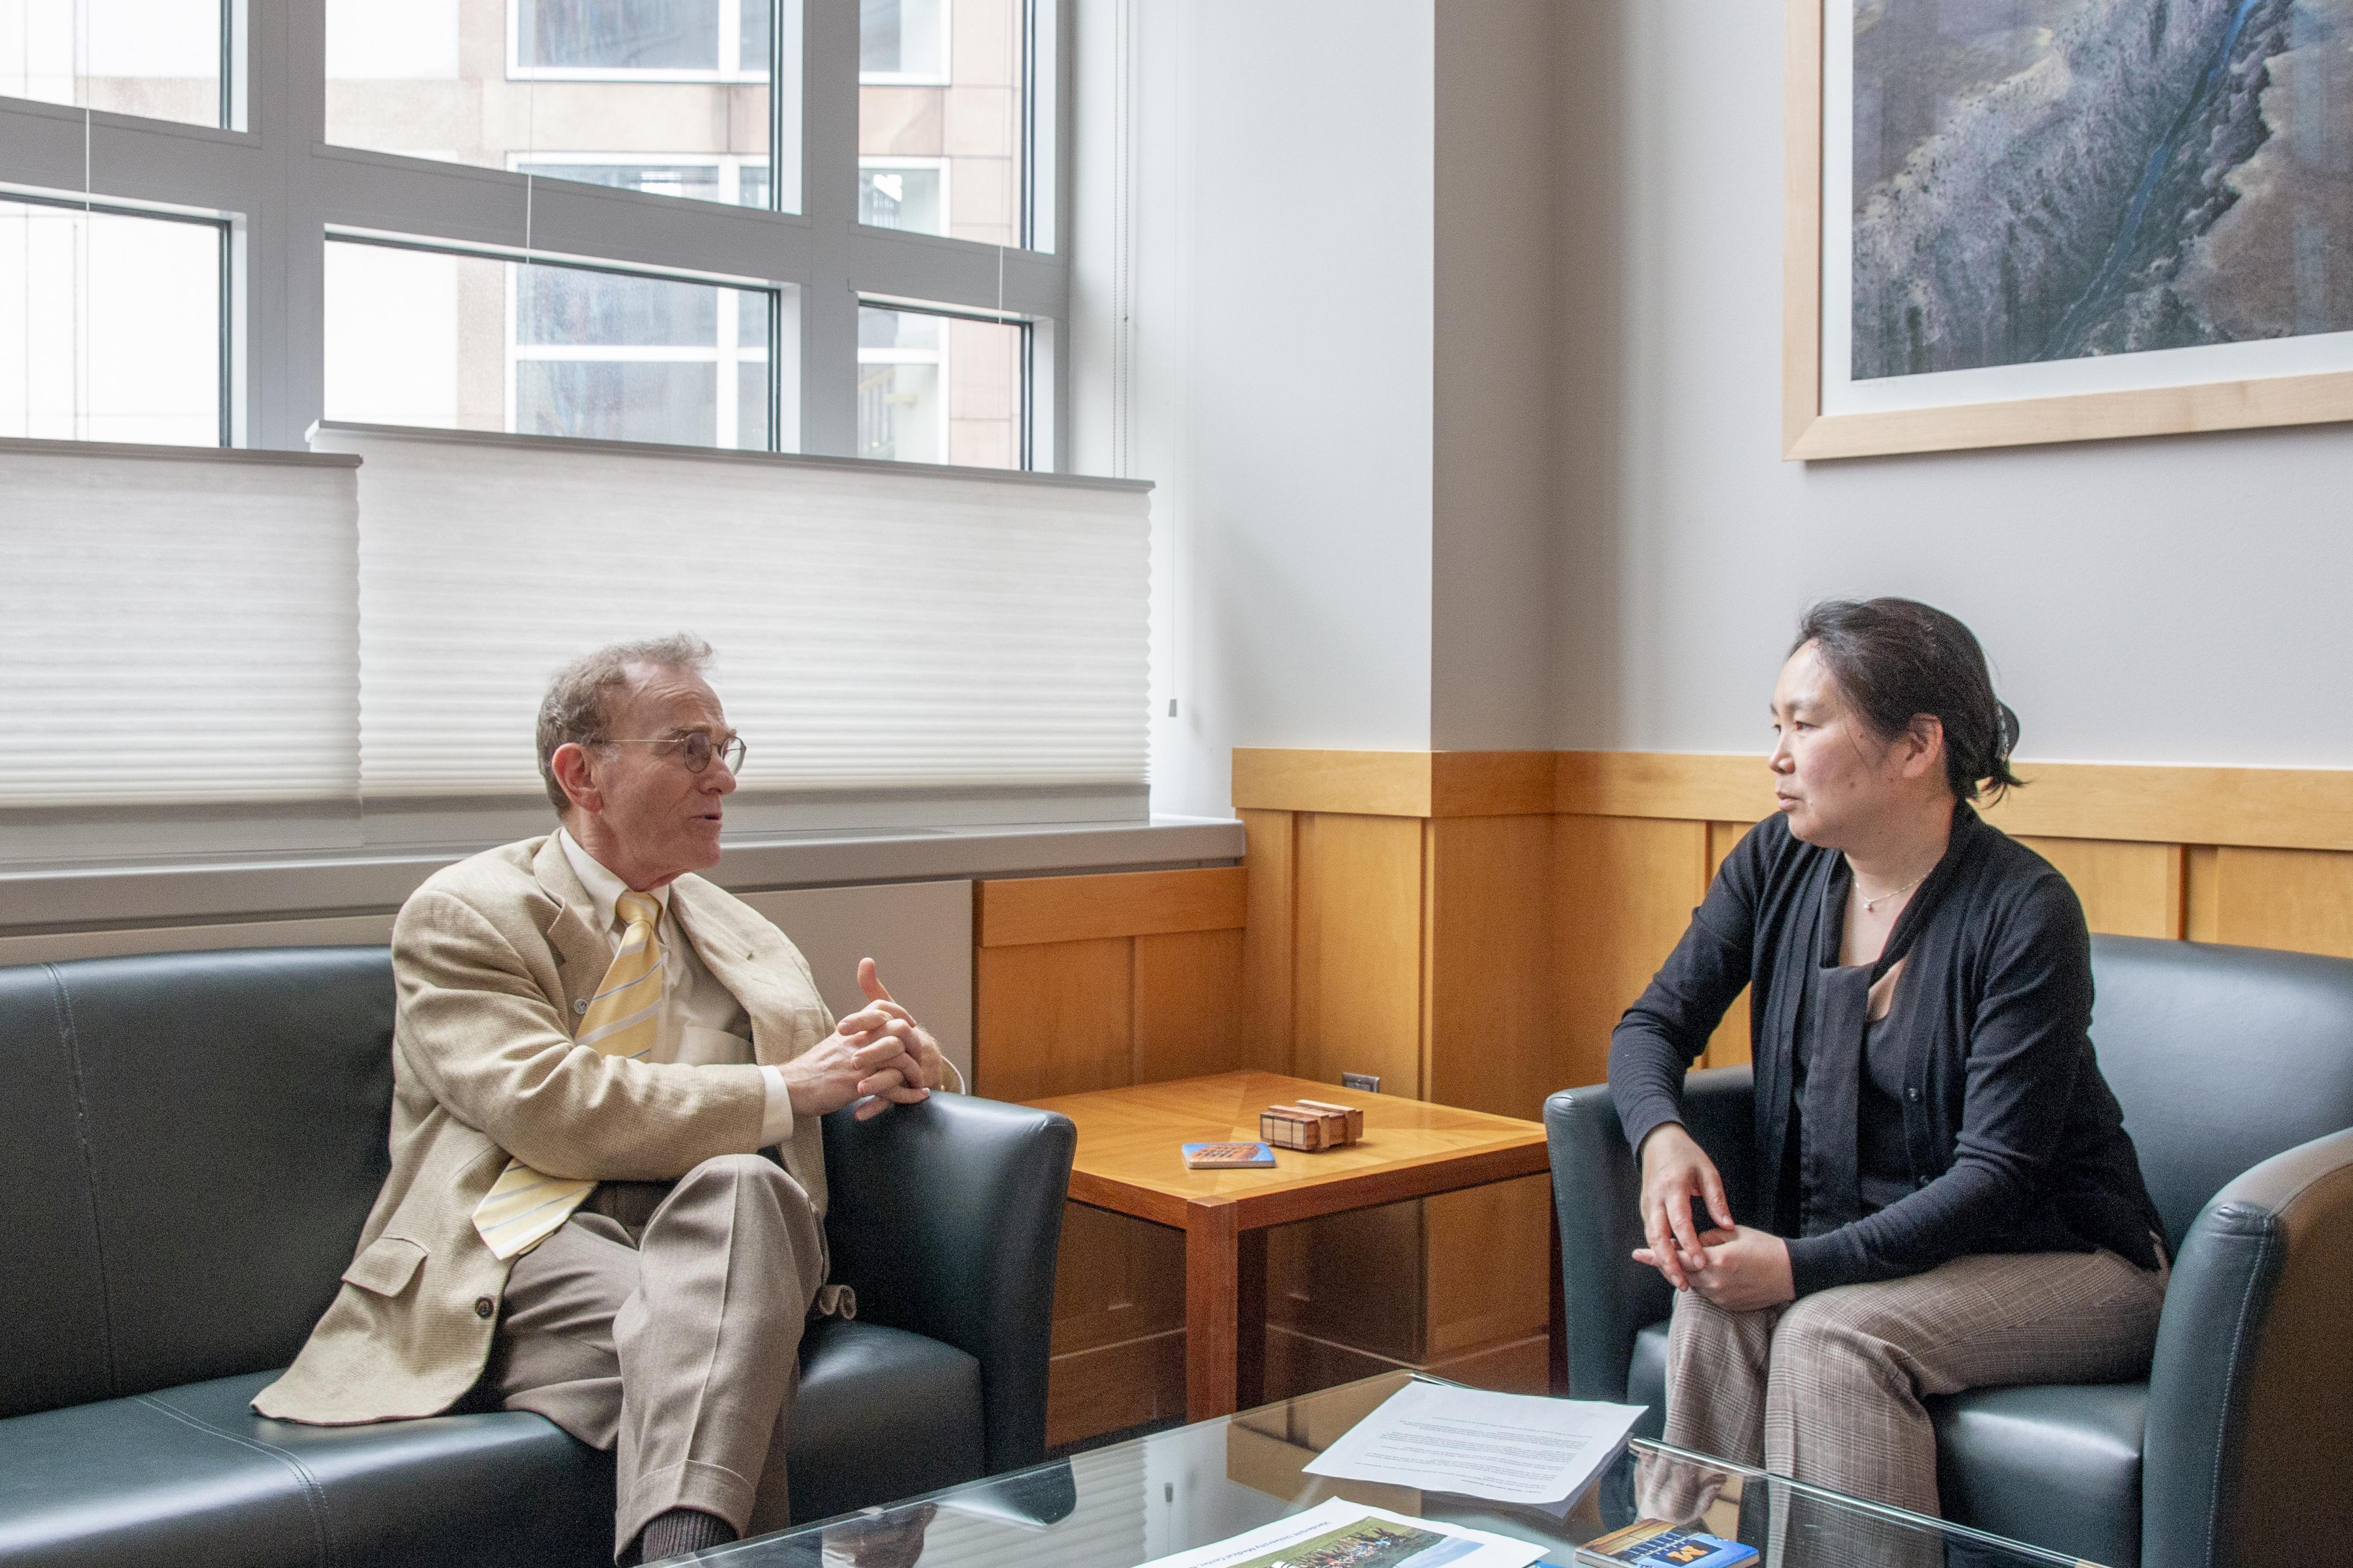 Randy Schekman and Yukiko Yamashita